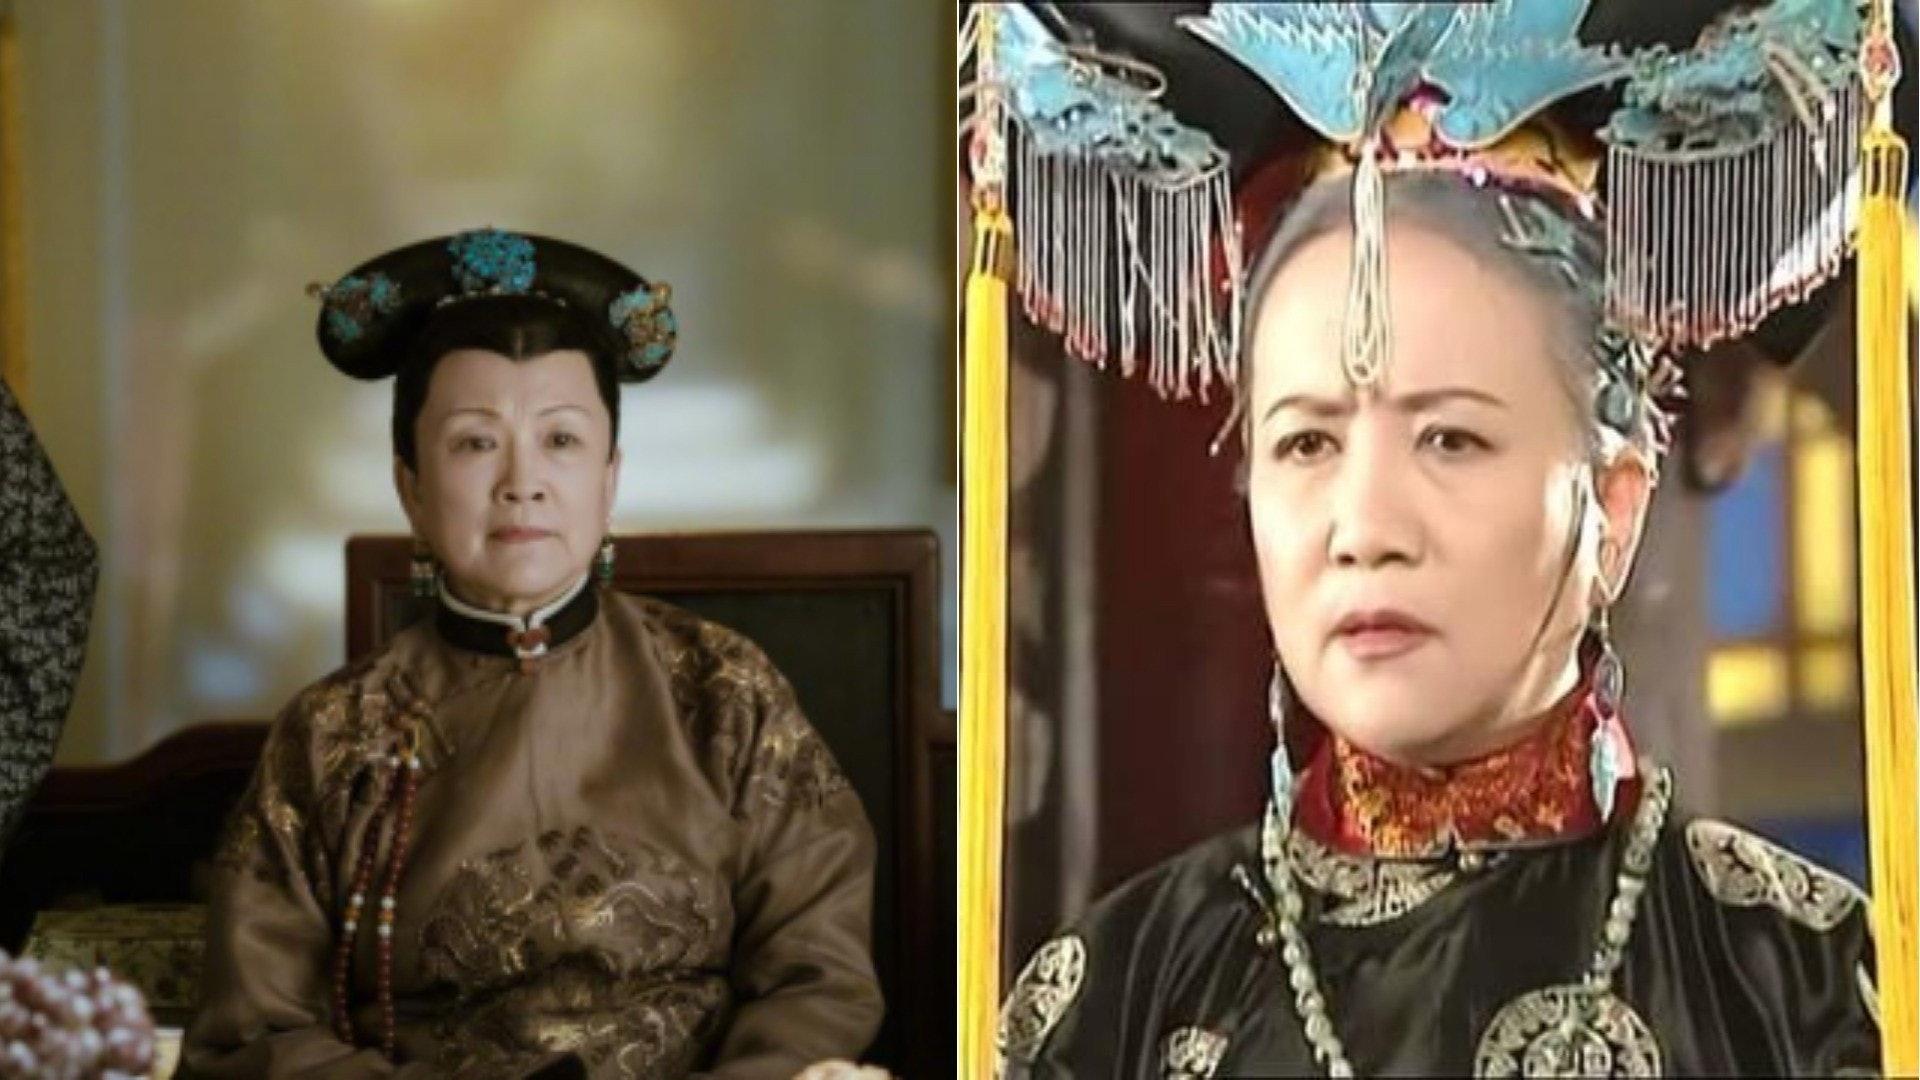 《延禧攻略》中的崇慶皇太后即是《還珠格格》中的老佛爺,《甄嬛傳》中的甄嬛,有網友表示,甄嬛自己宮鬥完,就開始管理「家務事」。(網絡圖片)